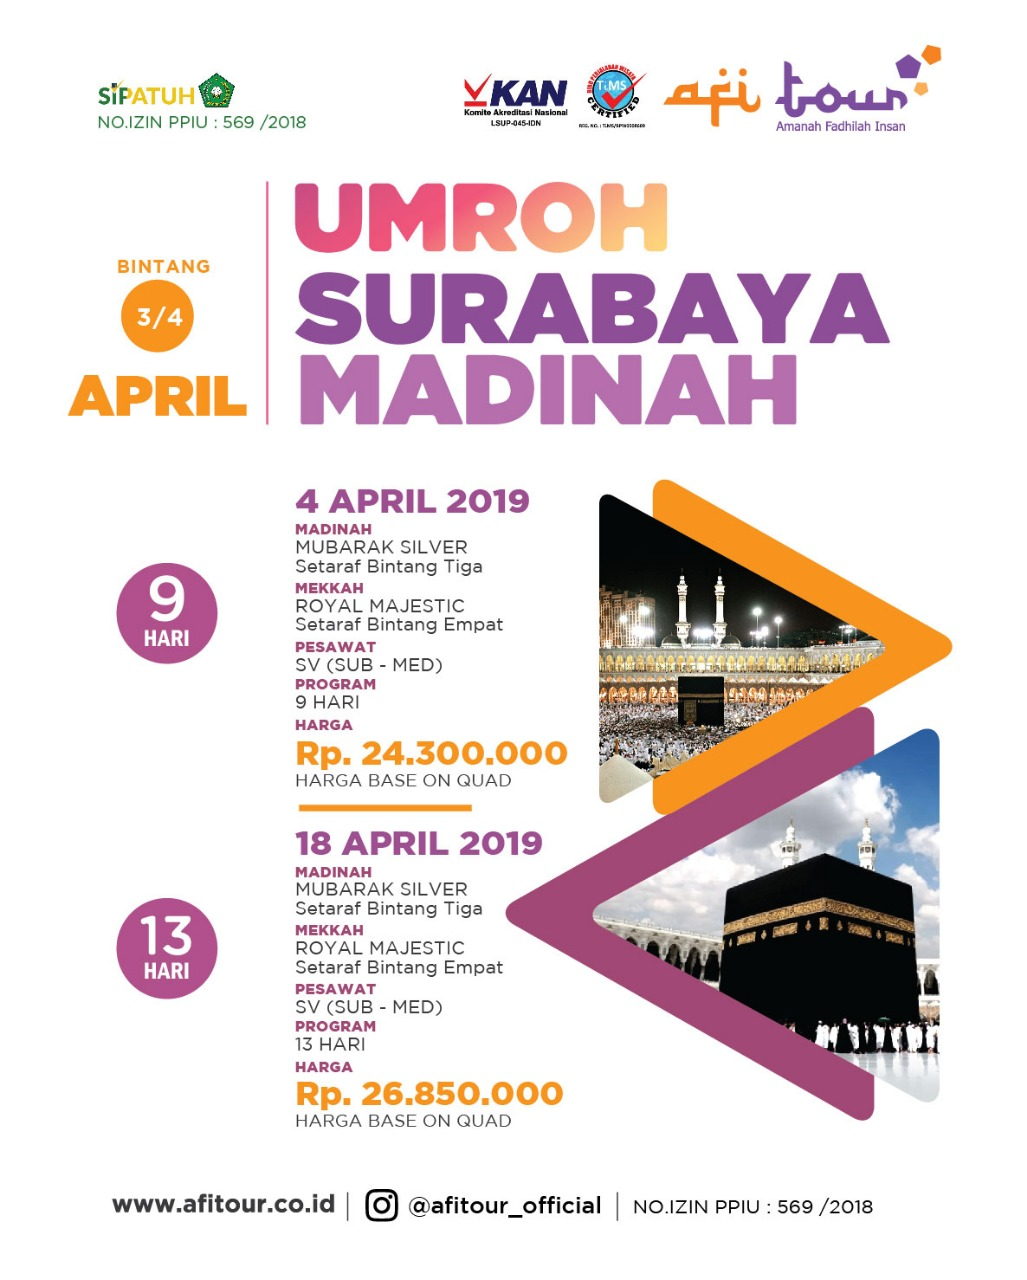 UMROH 4 APRIL 2019 SURABAYA – MADINAH